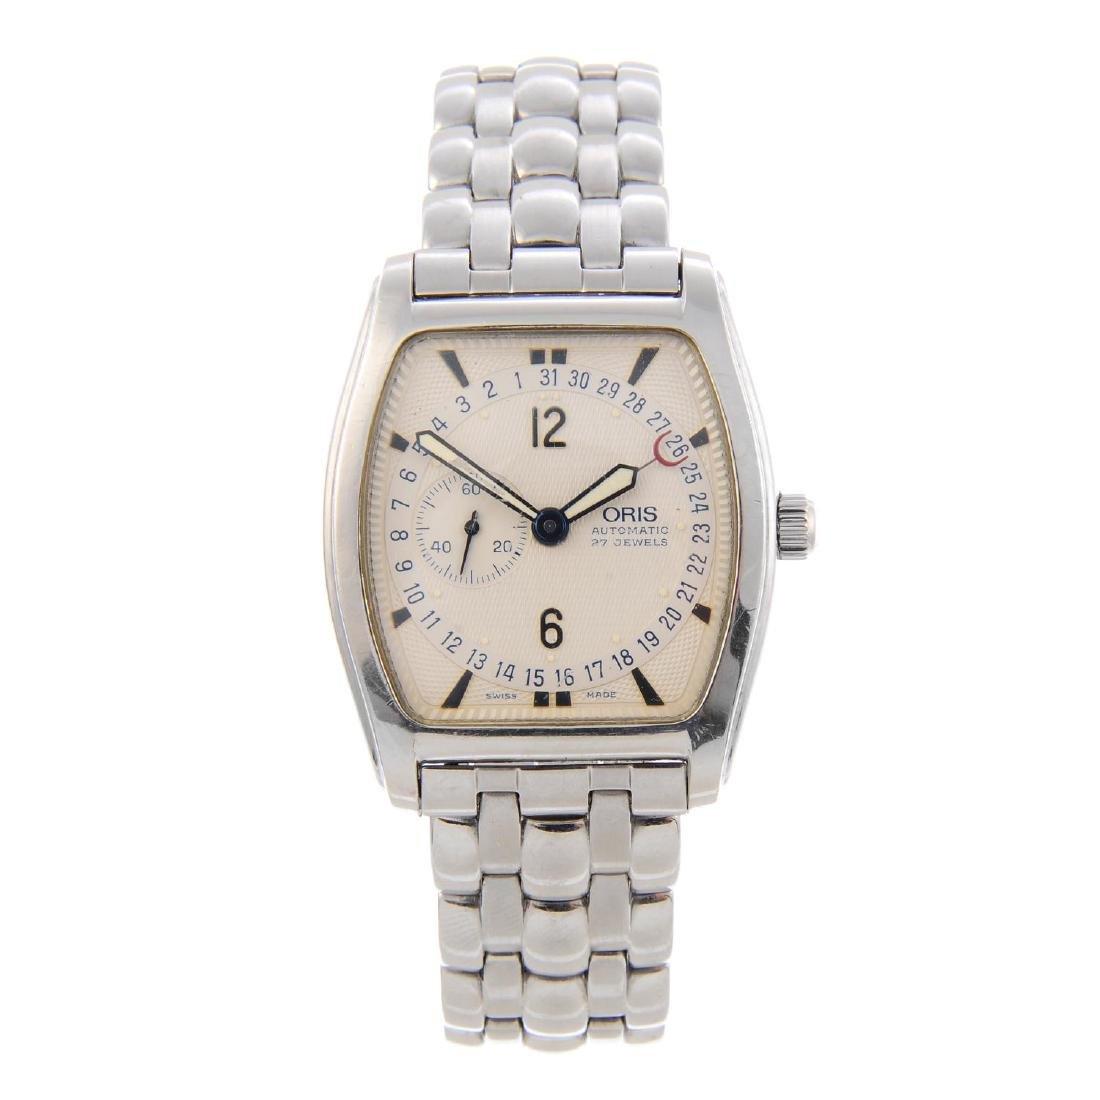 ORIS - a gentleman's Tonneau Regulator bracelet watch.